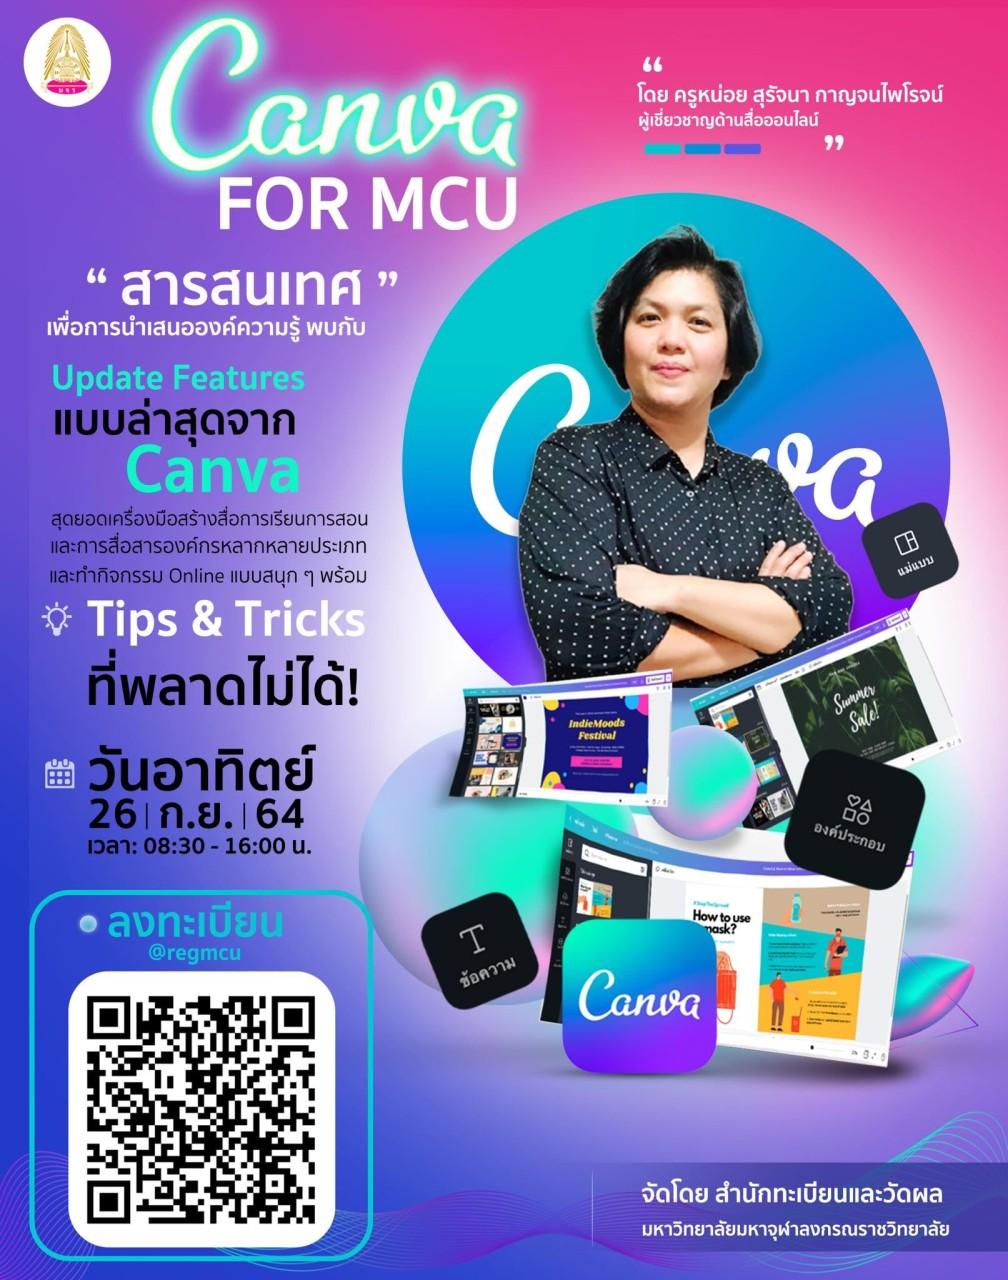 """อบรมออนไลน์ฟรี """" Canva for MCU  สารสนเทศเพื่อการนำเสนอองค์ความรู้"""""""